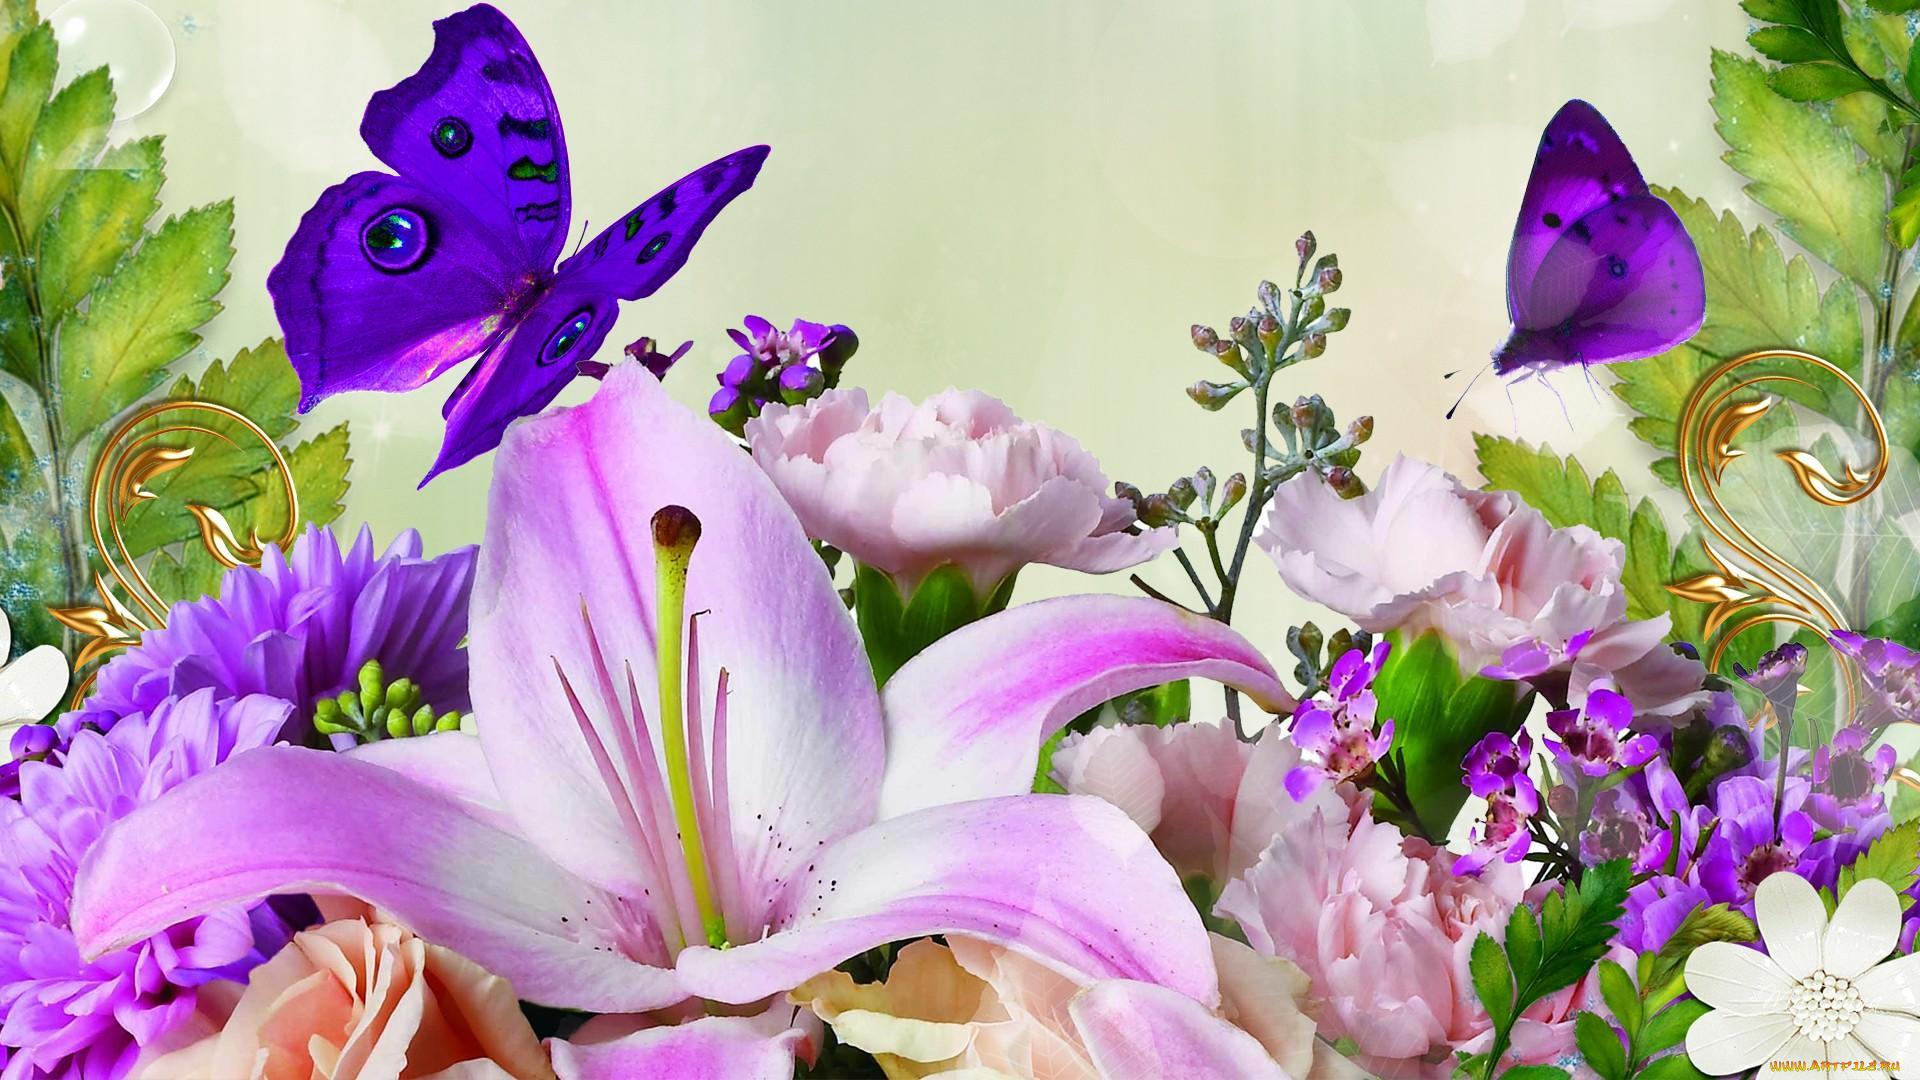 Бабочки подлетающие к цветкам  № 2991692 бесплатно